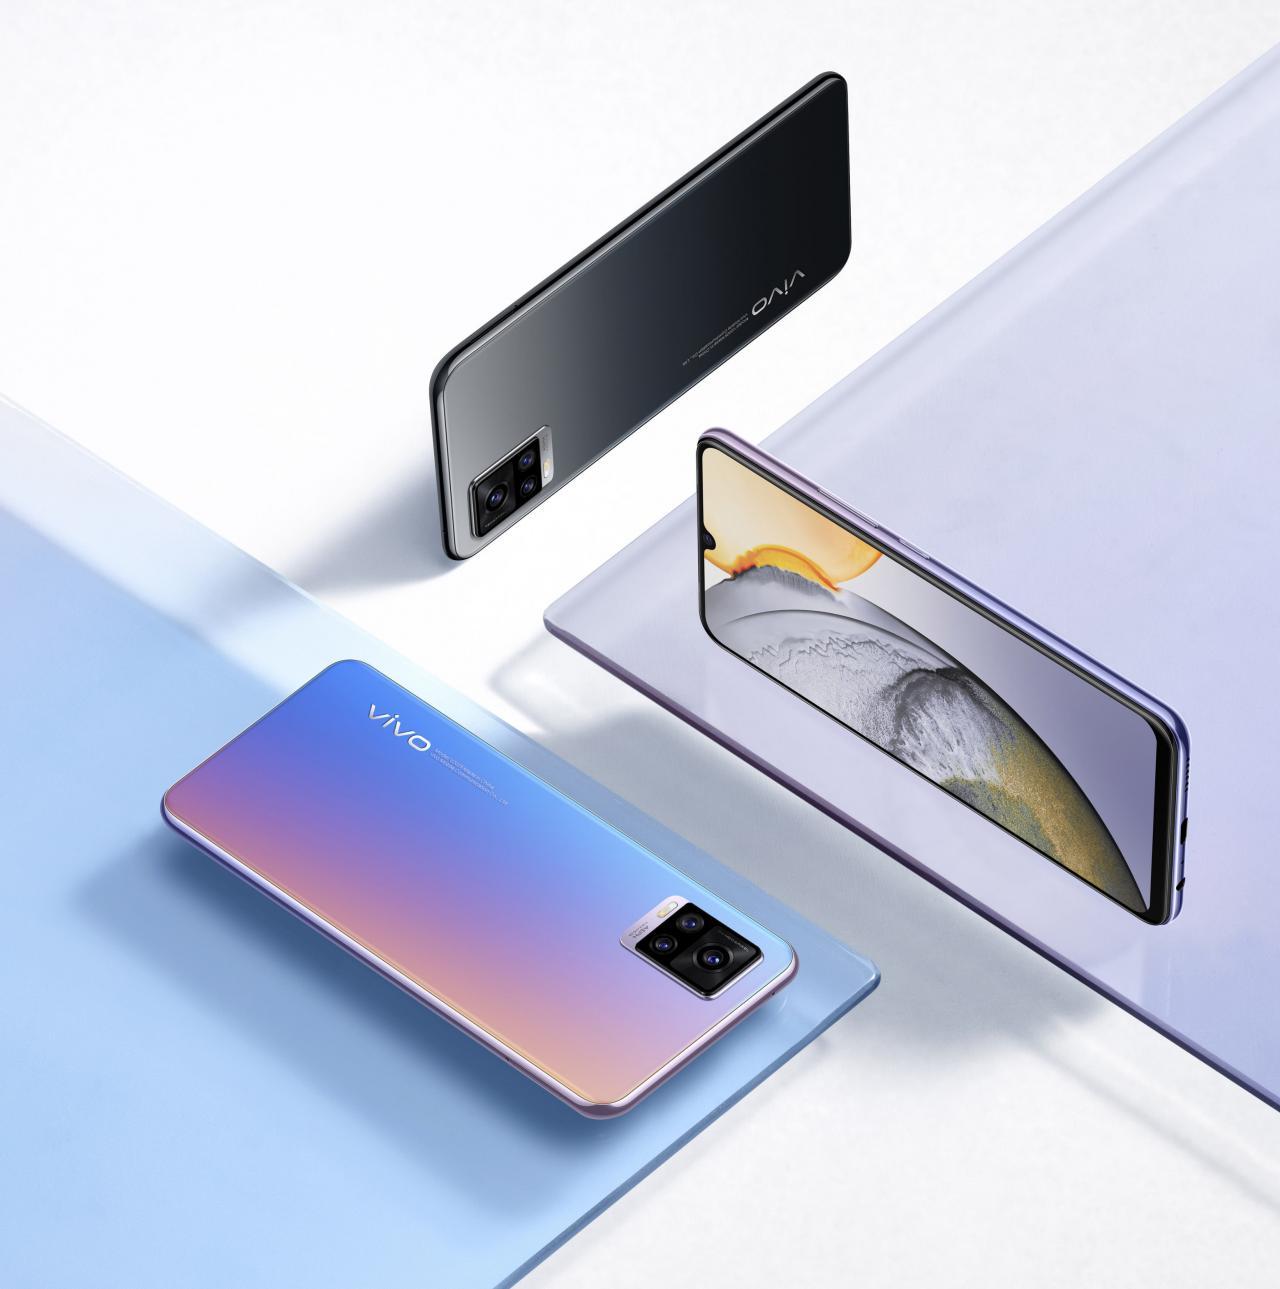 Vivo, el nuevo gigante chino trae sus smartphones a Latinoamérica | tecno.americaeconomia.com | AETecno